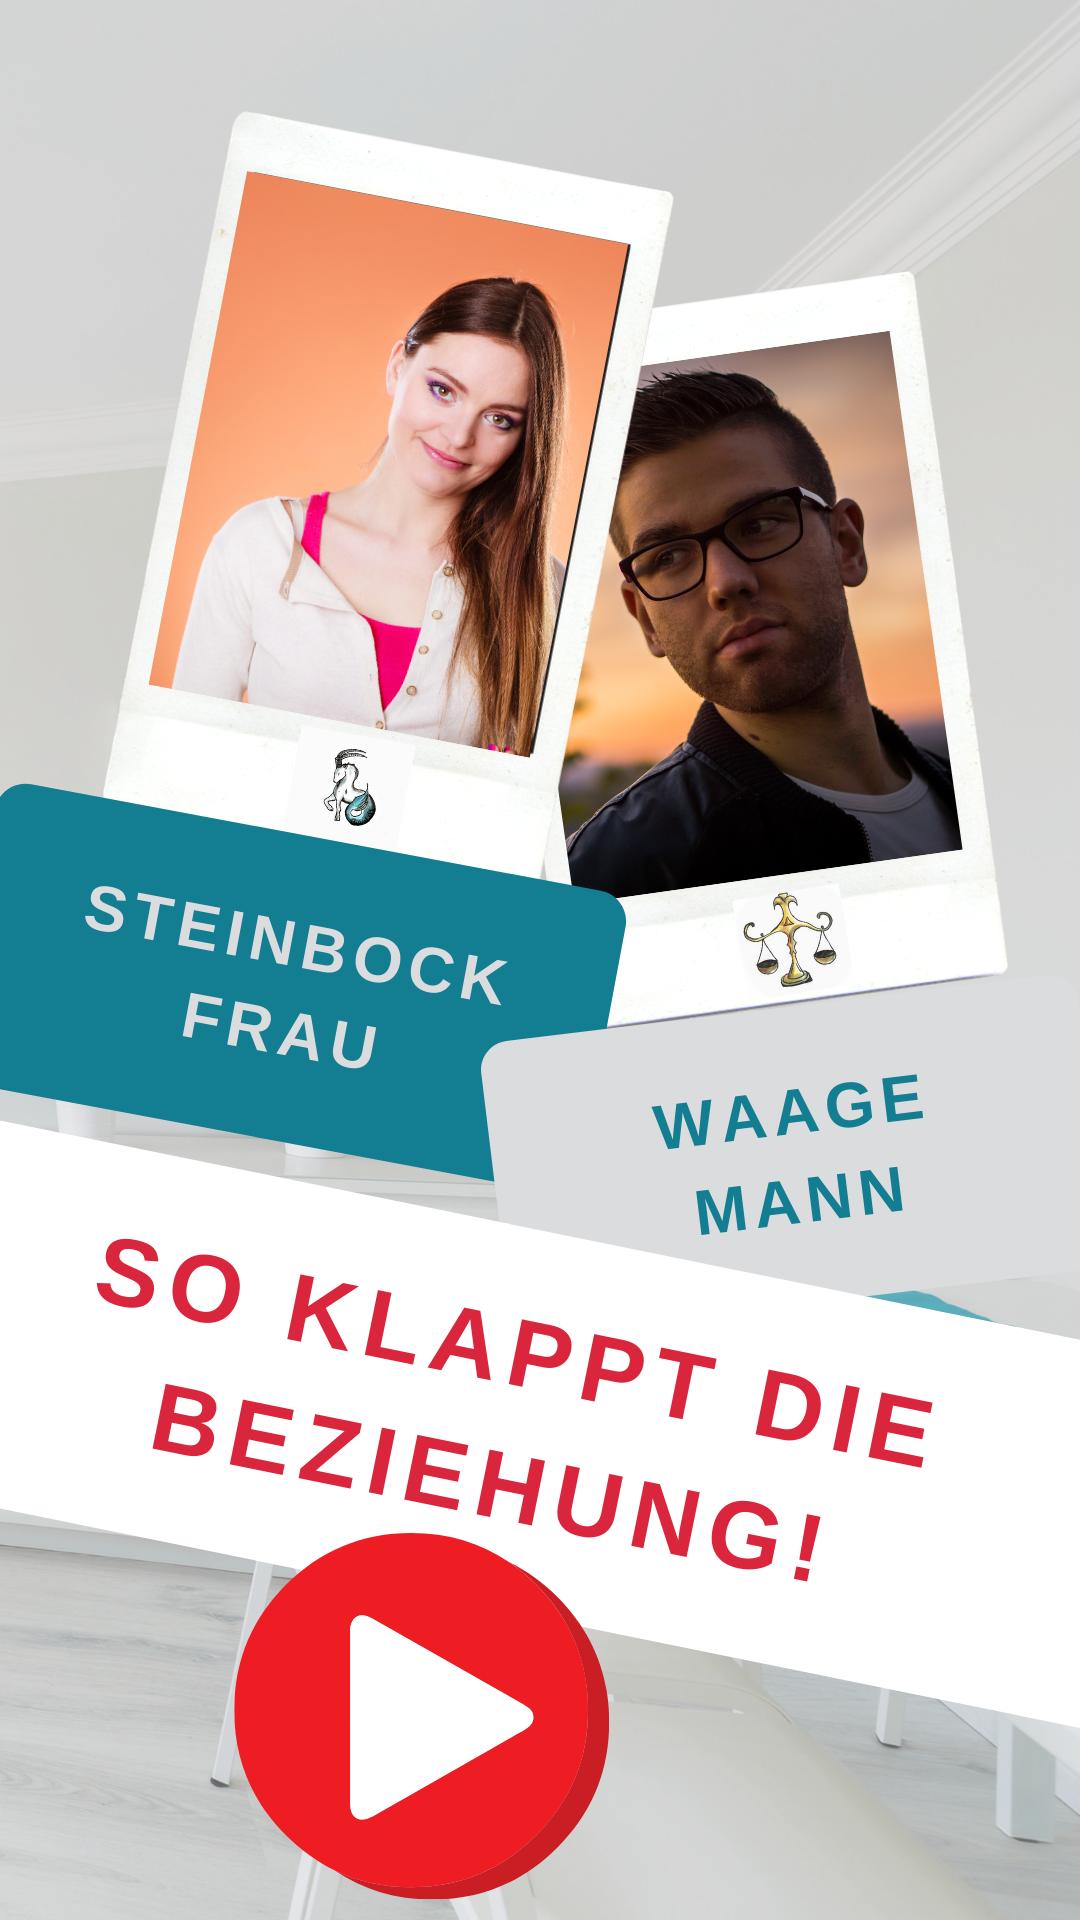 Steinbock Mann Waage Frau